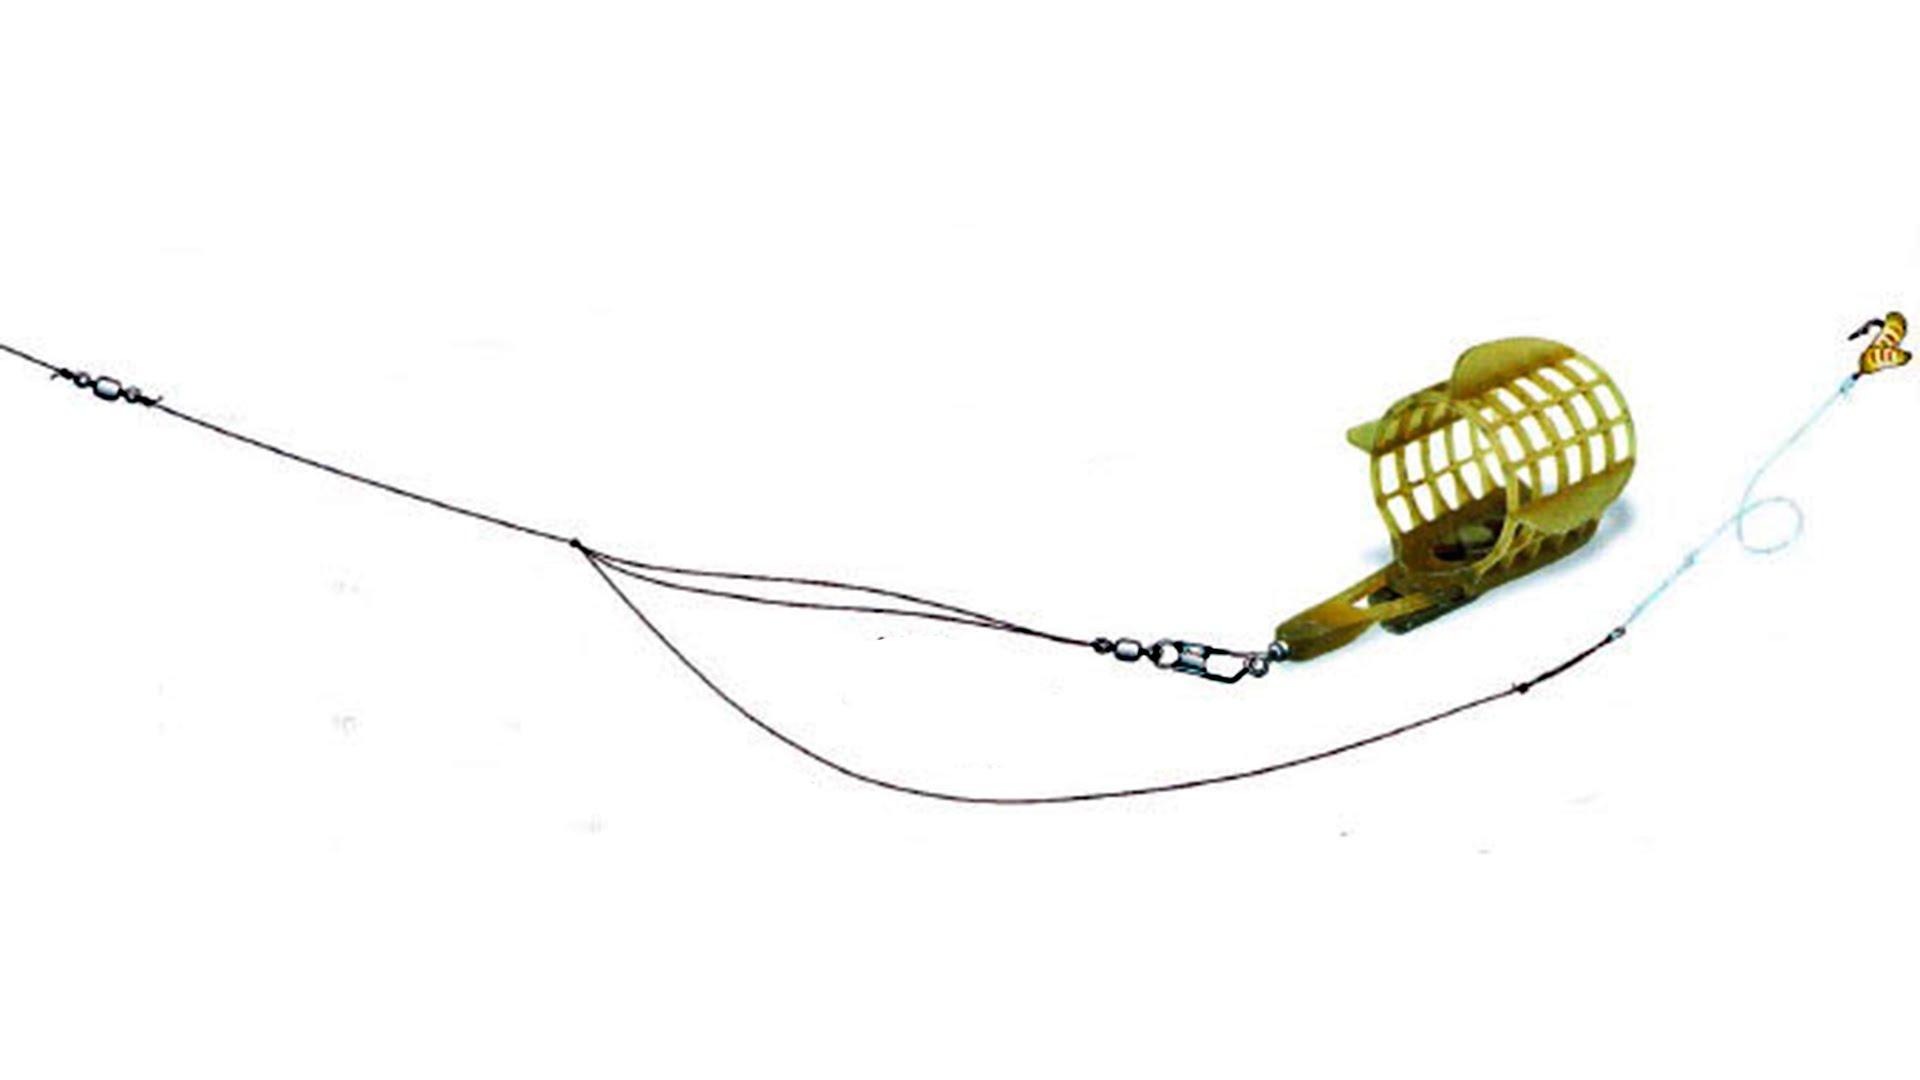 Несимметричная петля для фидера - Ловля на фидер 96